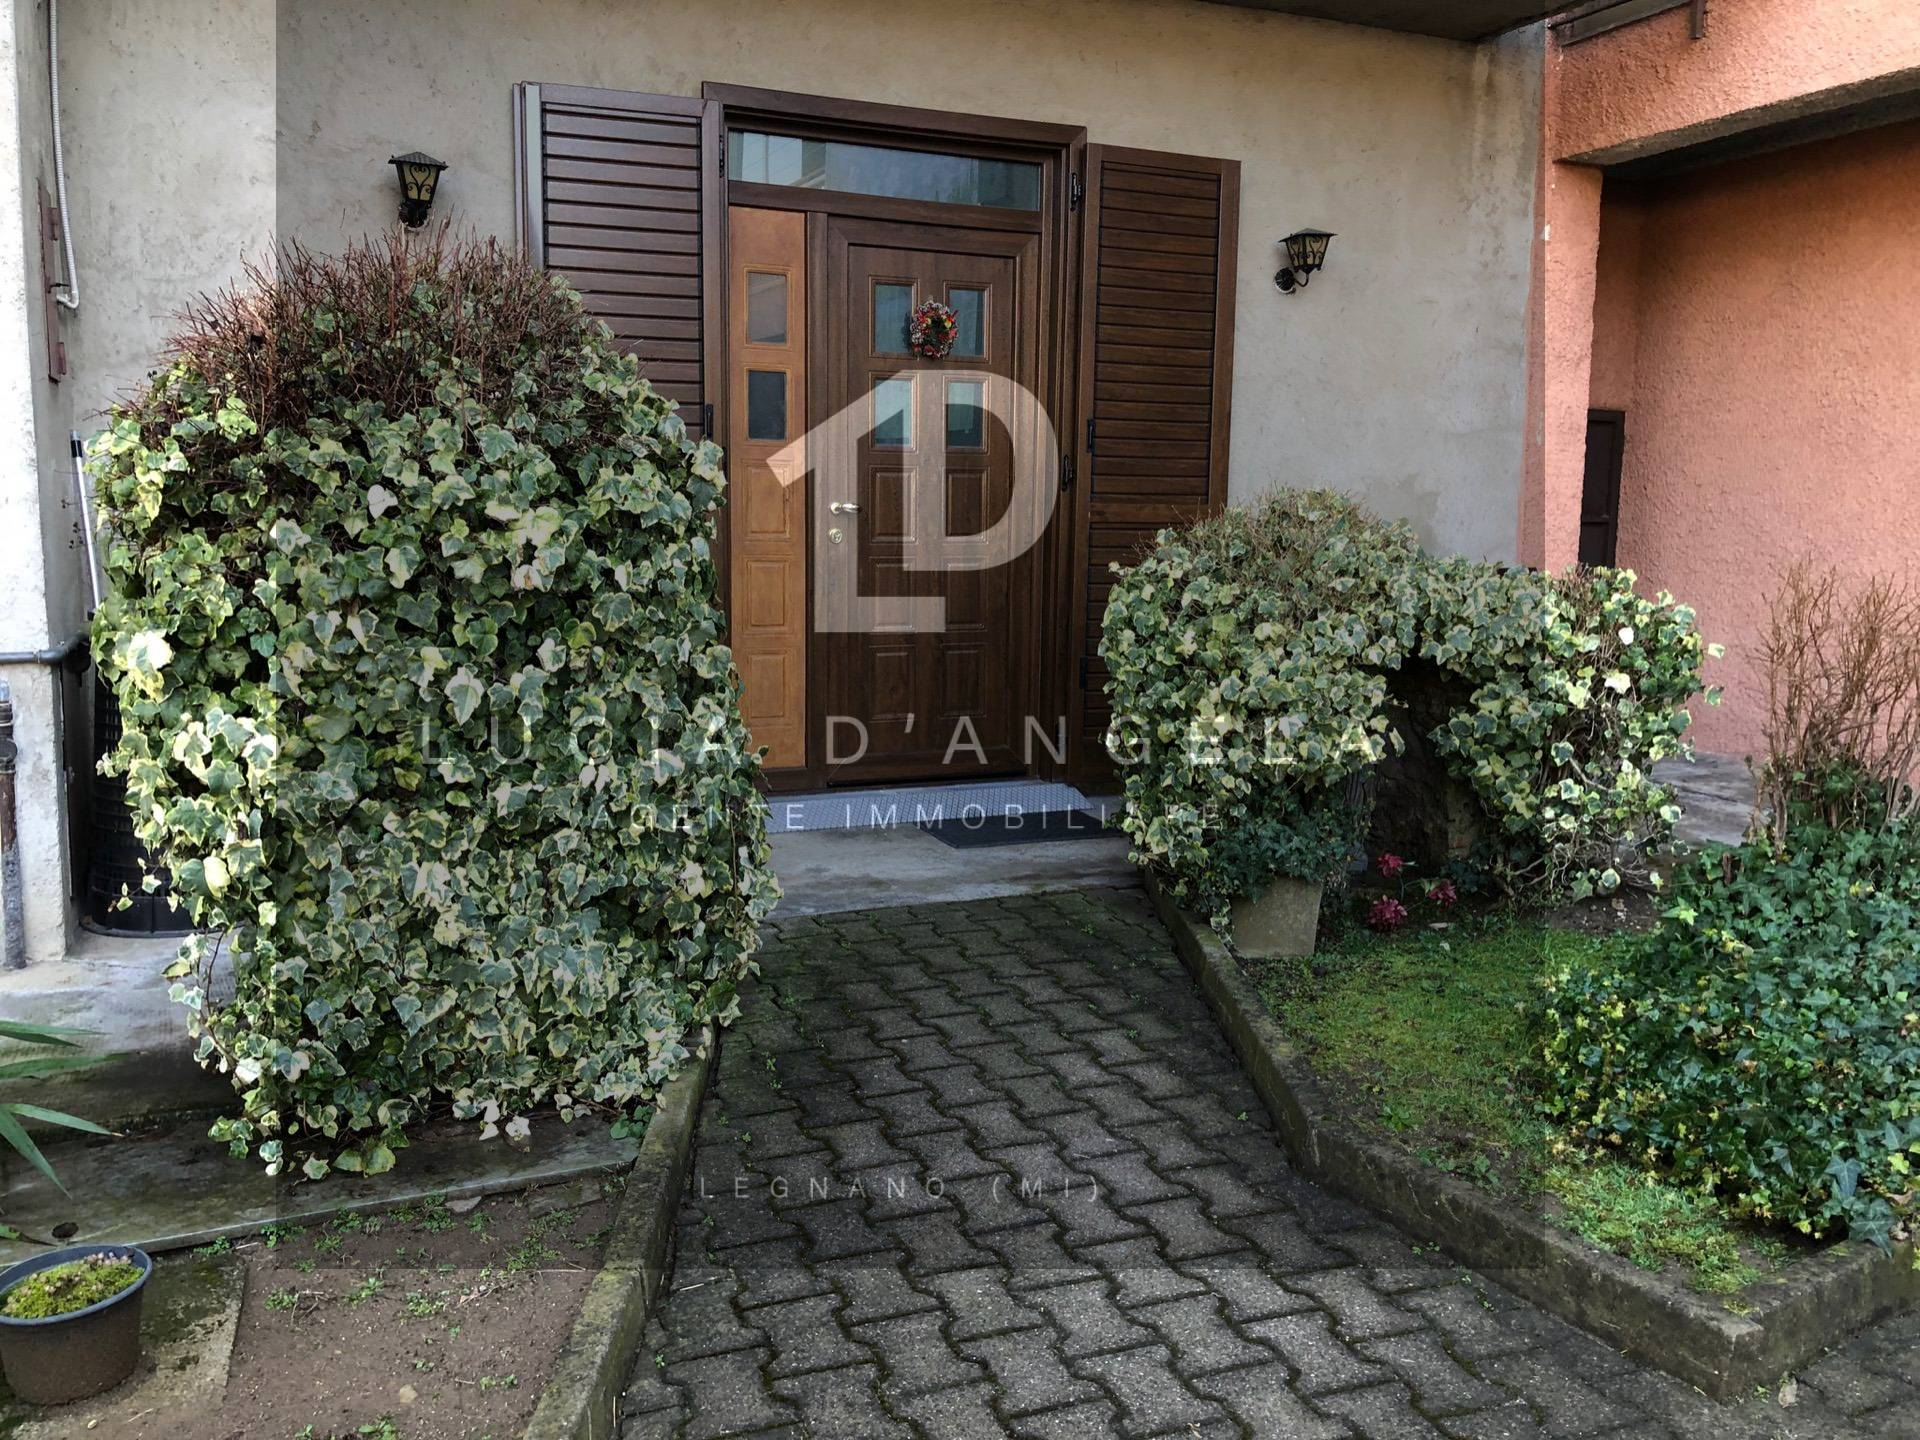 Appartamento in vendita a Cerro Maggiore, 4 locali, zona Zona: Cantalupo, prezzo € 115.000 | CambioCasa.it